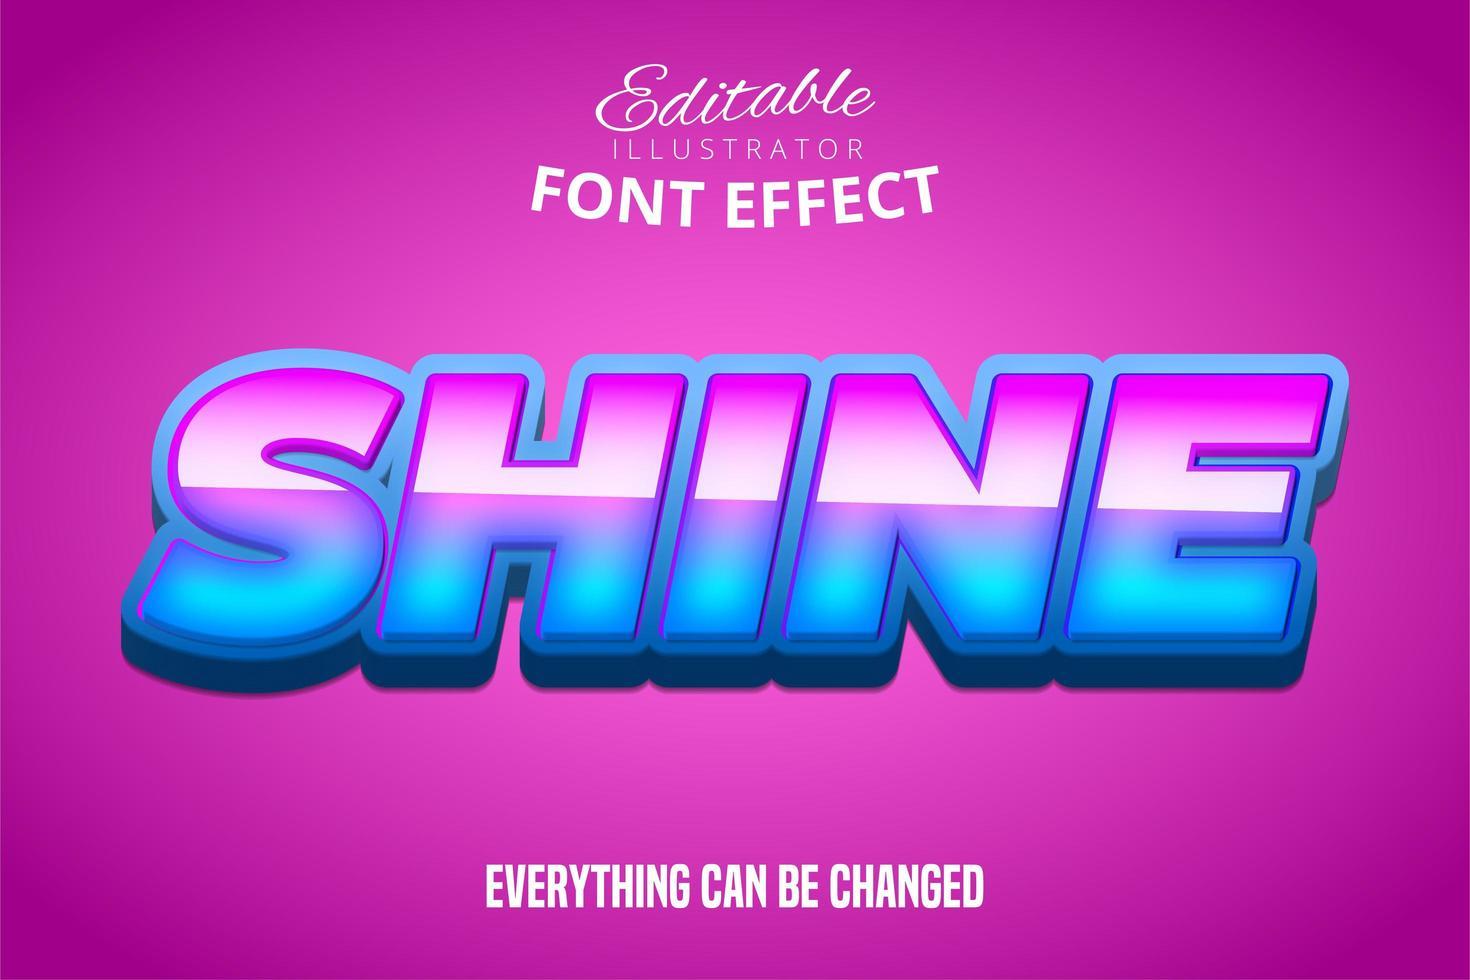 brilhar texto, efeito de fonte editável vetor